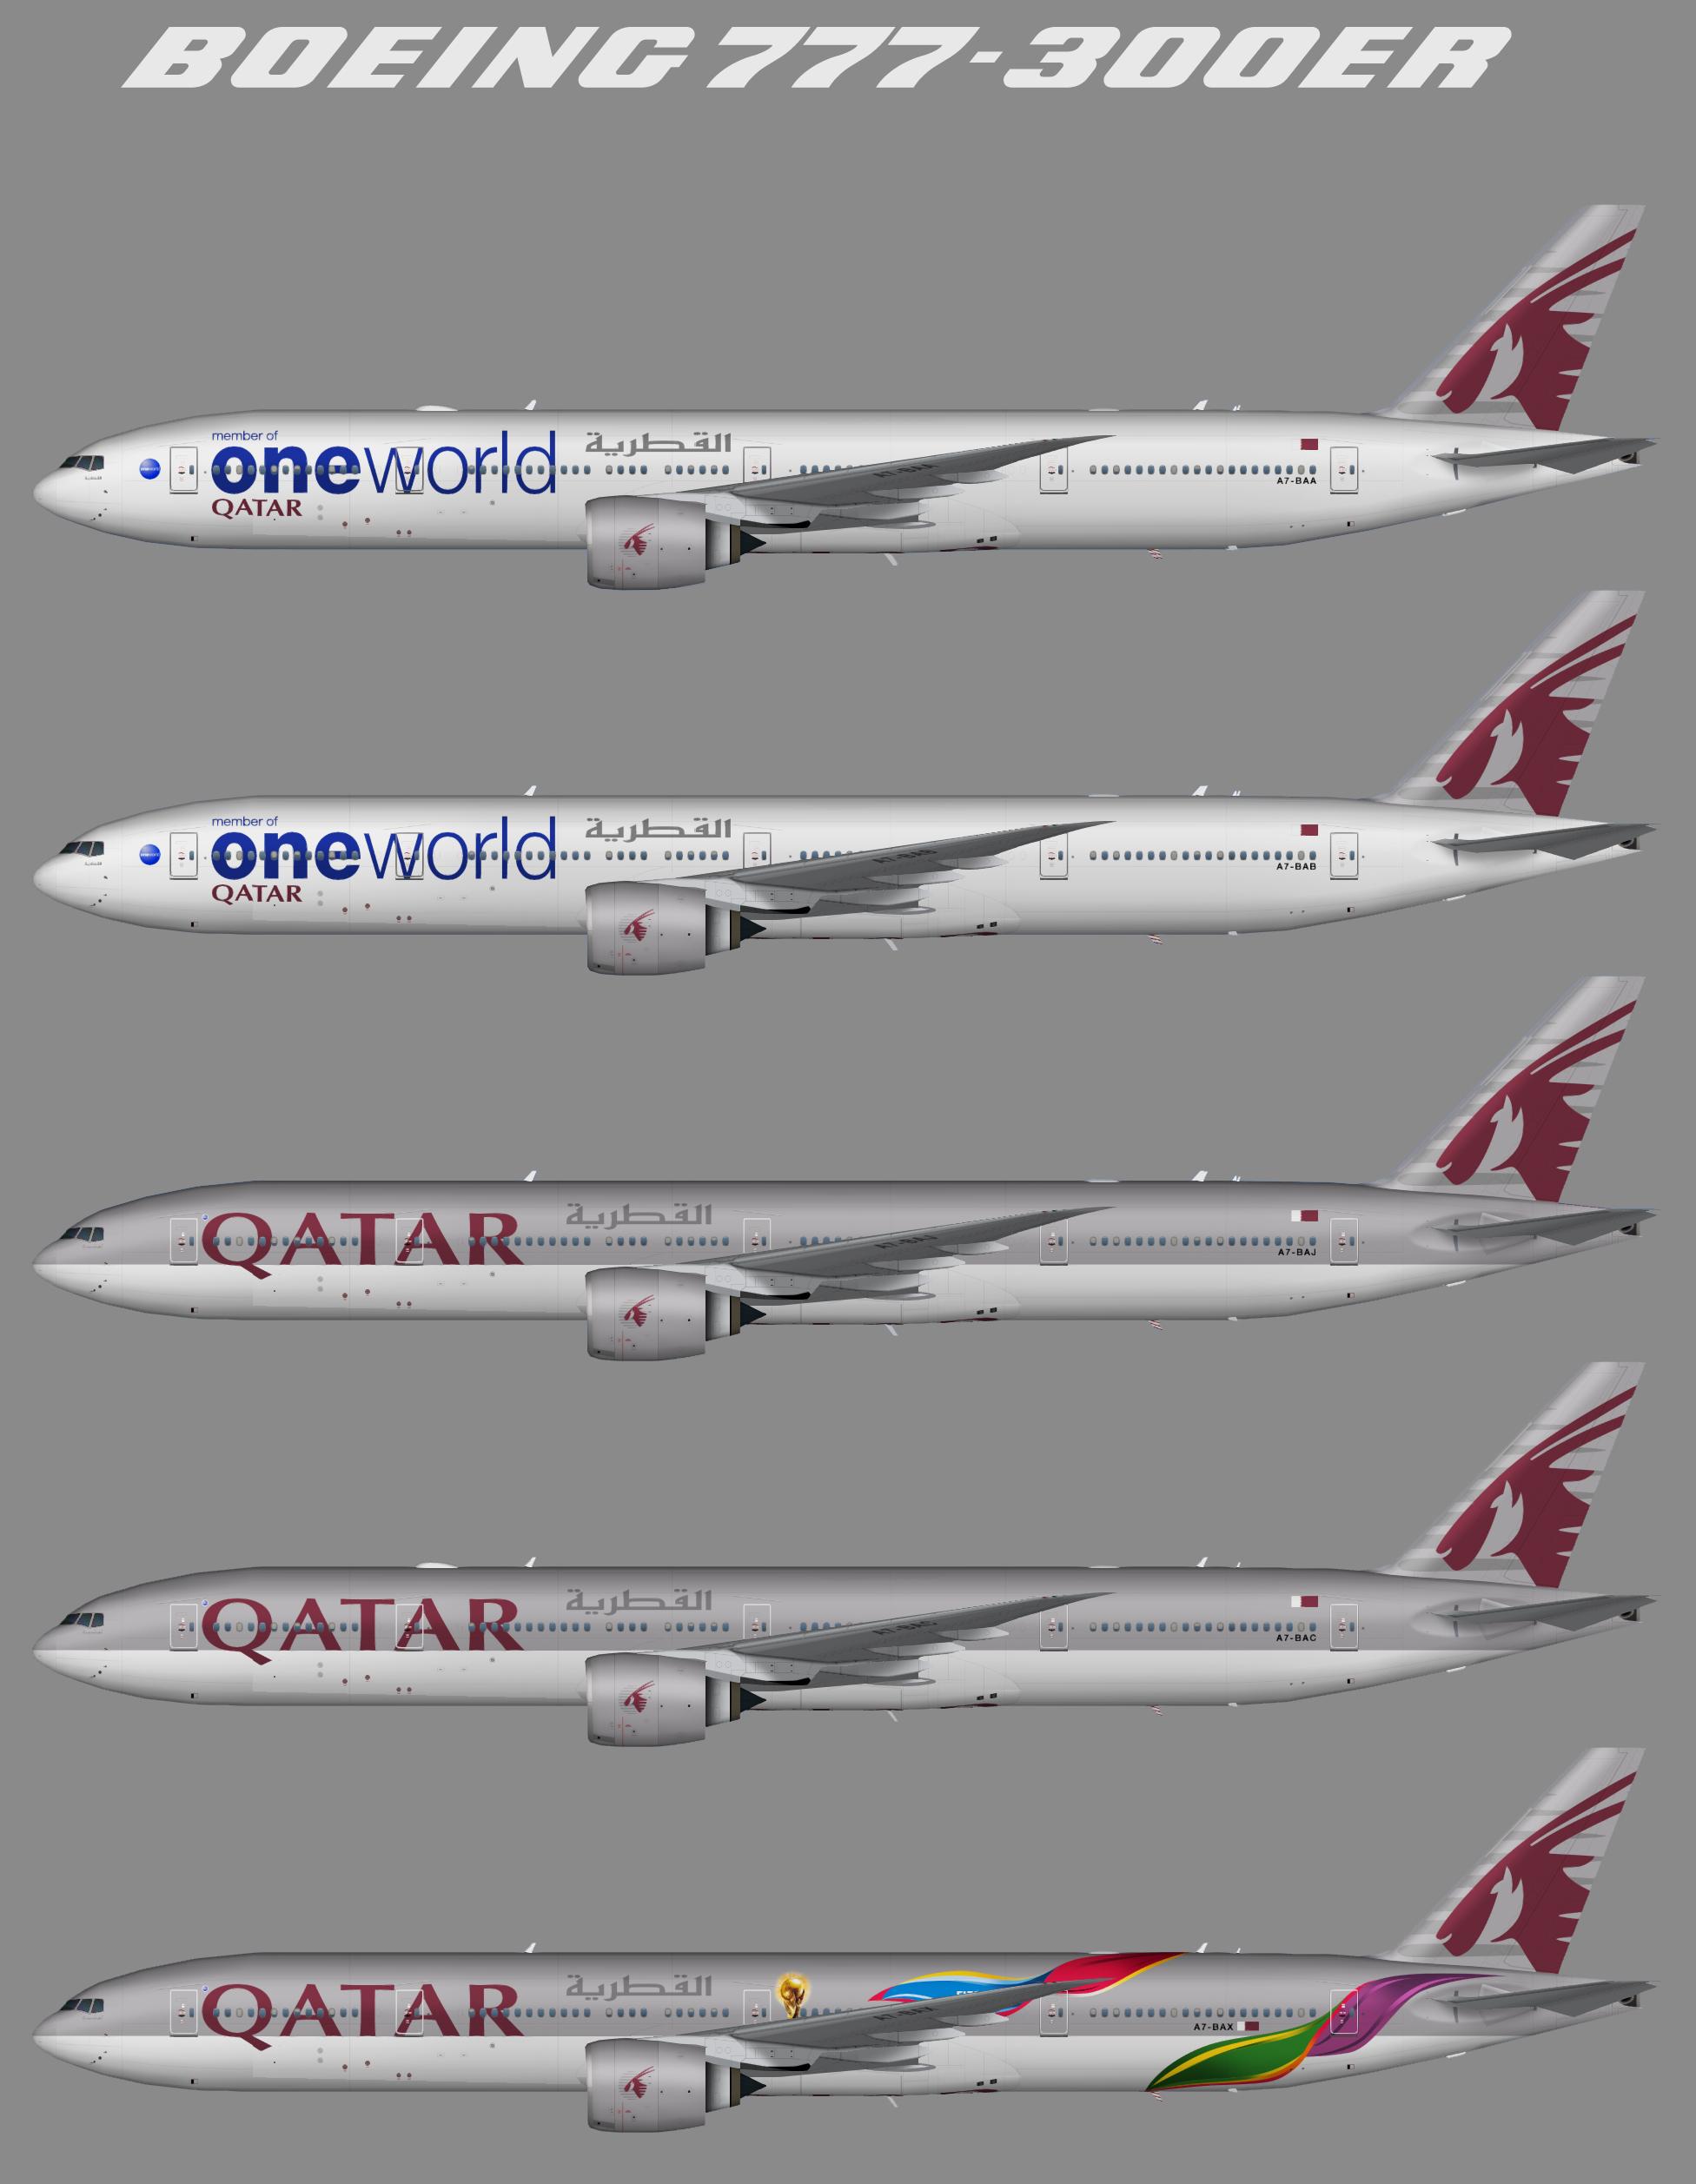 Qatar Airways Boeing 777-300ER – Juergen's paint hangar